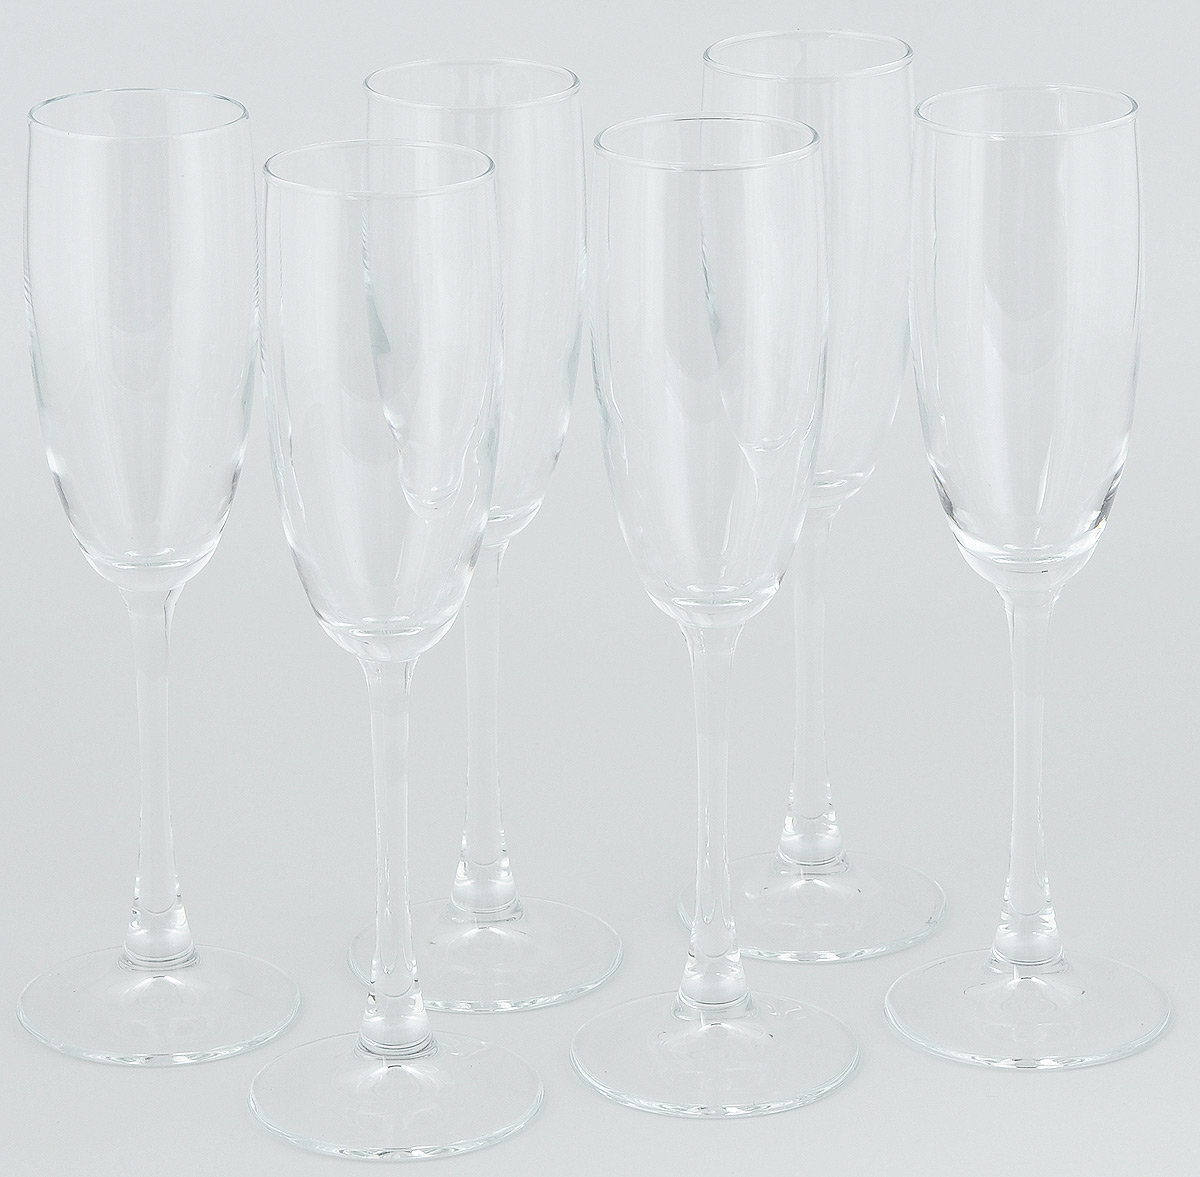 Набор фужеров для шампанского Pasabahce Enoteca, 170 мл, 6 шт набор фужеров для шампанского pasabahce bistro 260 мл 6 шт